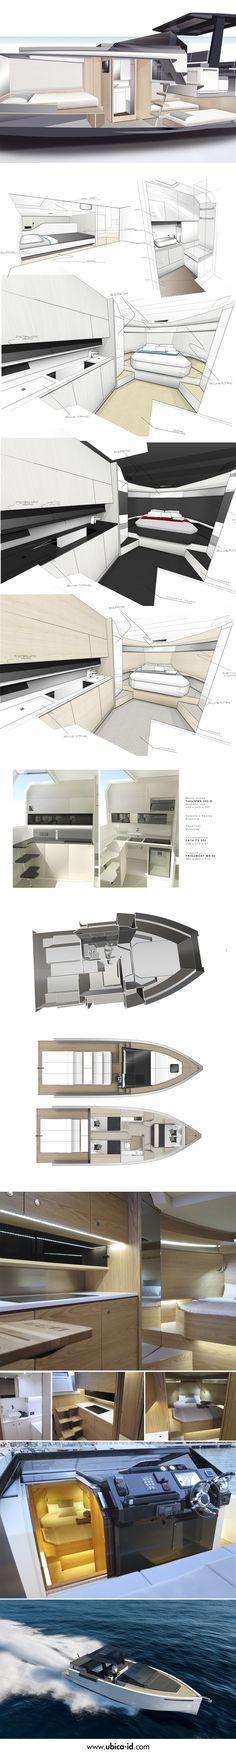 #DeAntonio #Yacht's sleek Interior - Designed by Ubica-id.  Nic@Pureyacht.com #OwnYourRefit www.pureyacht.com